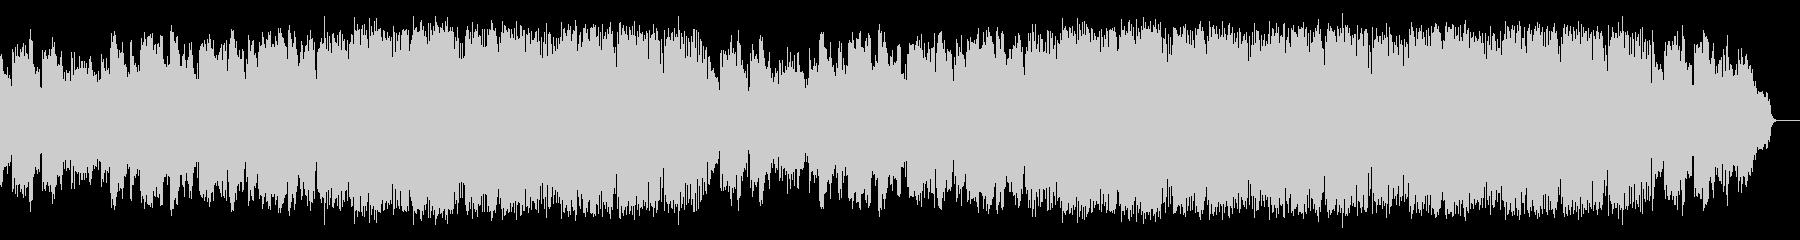 サックスが奏でる三連符のバラードの未再生の波形